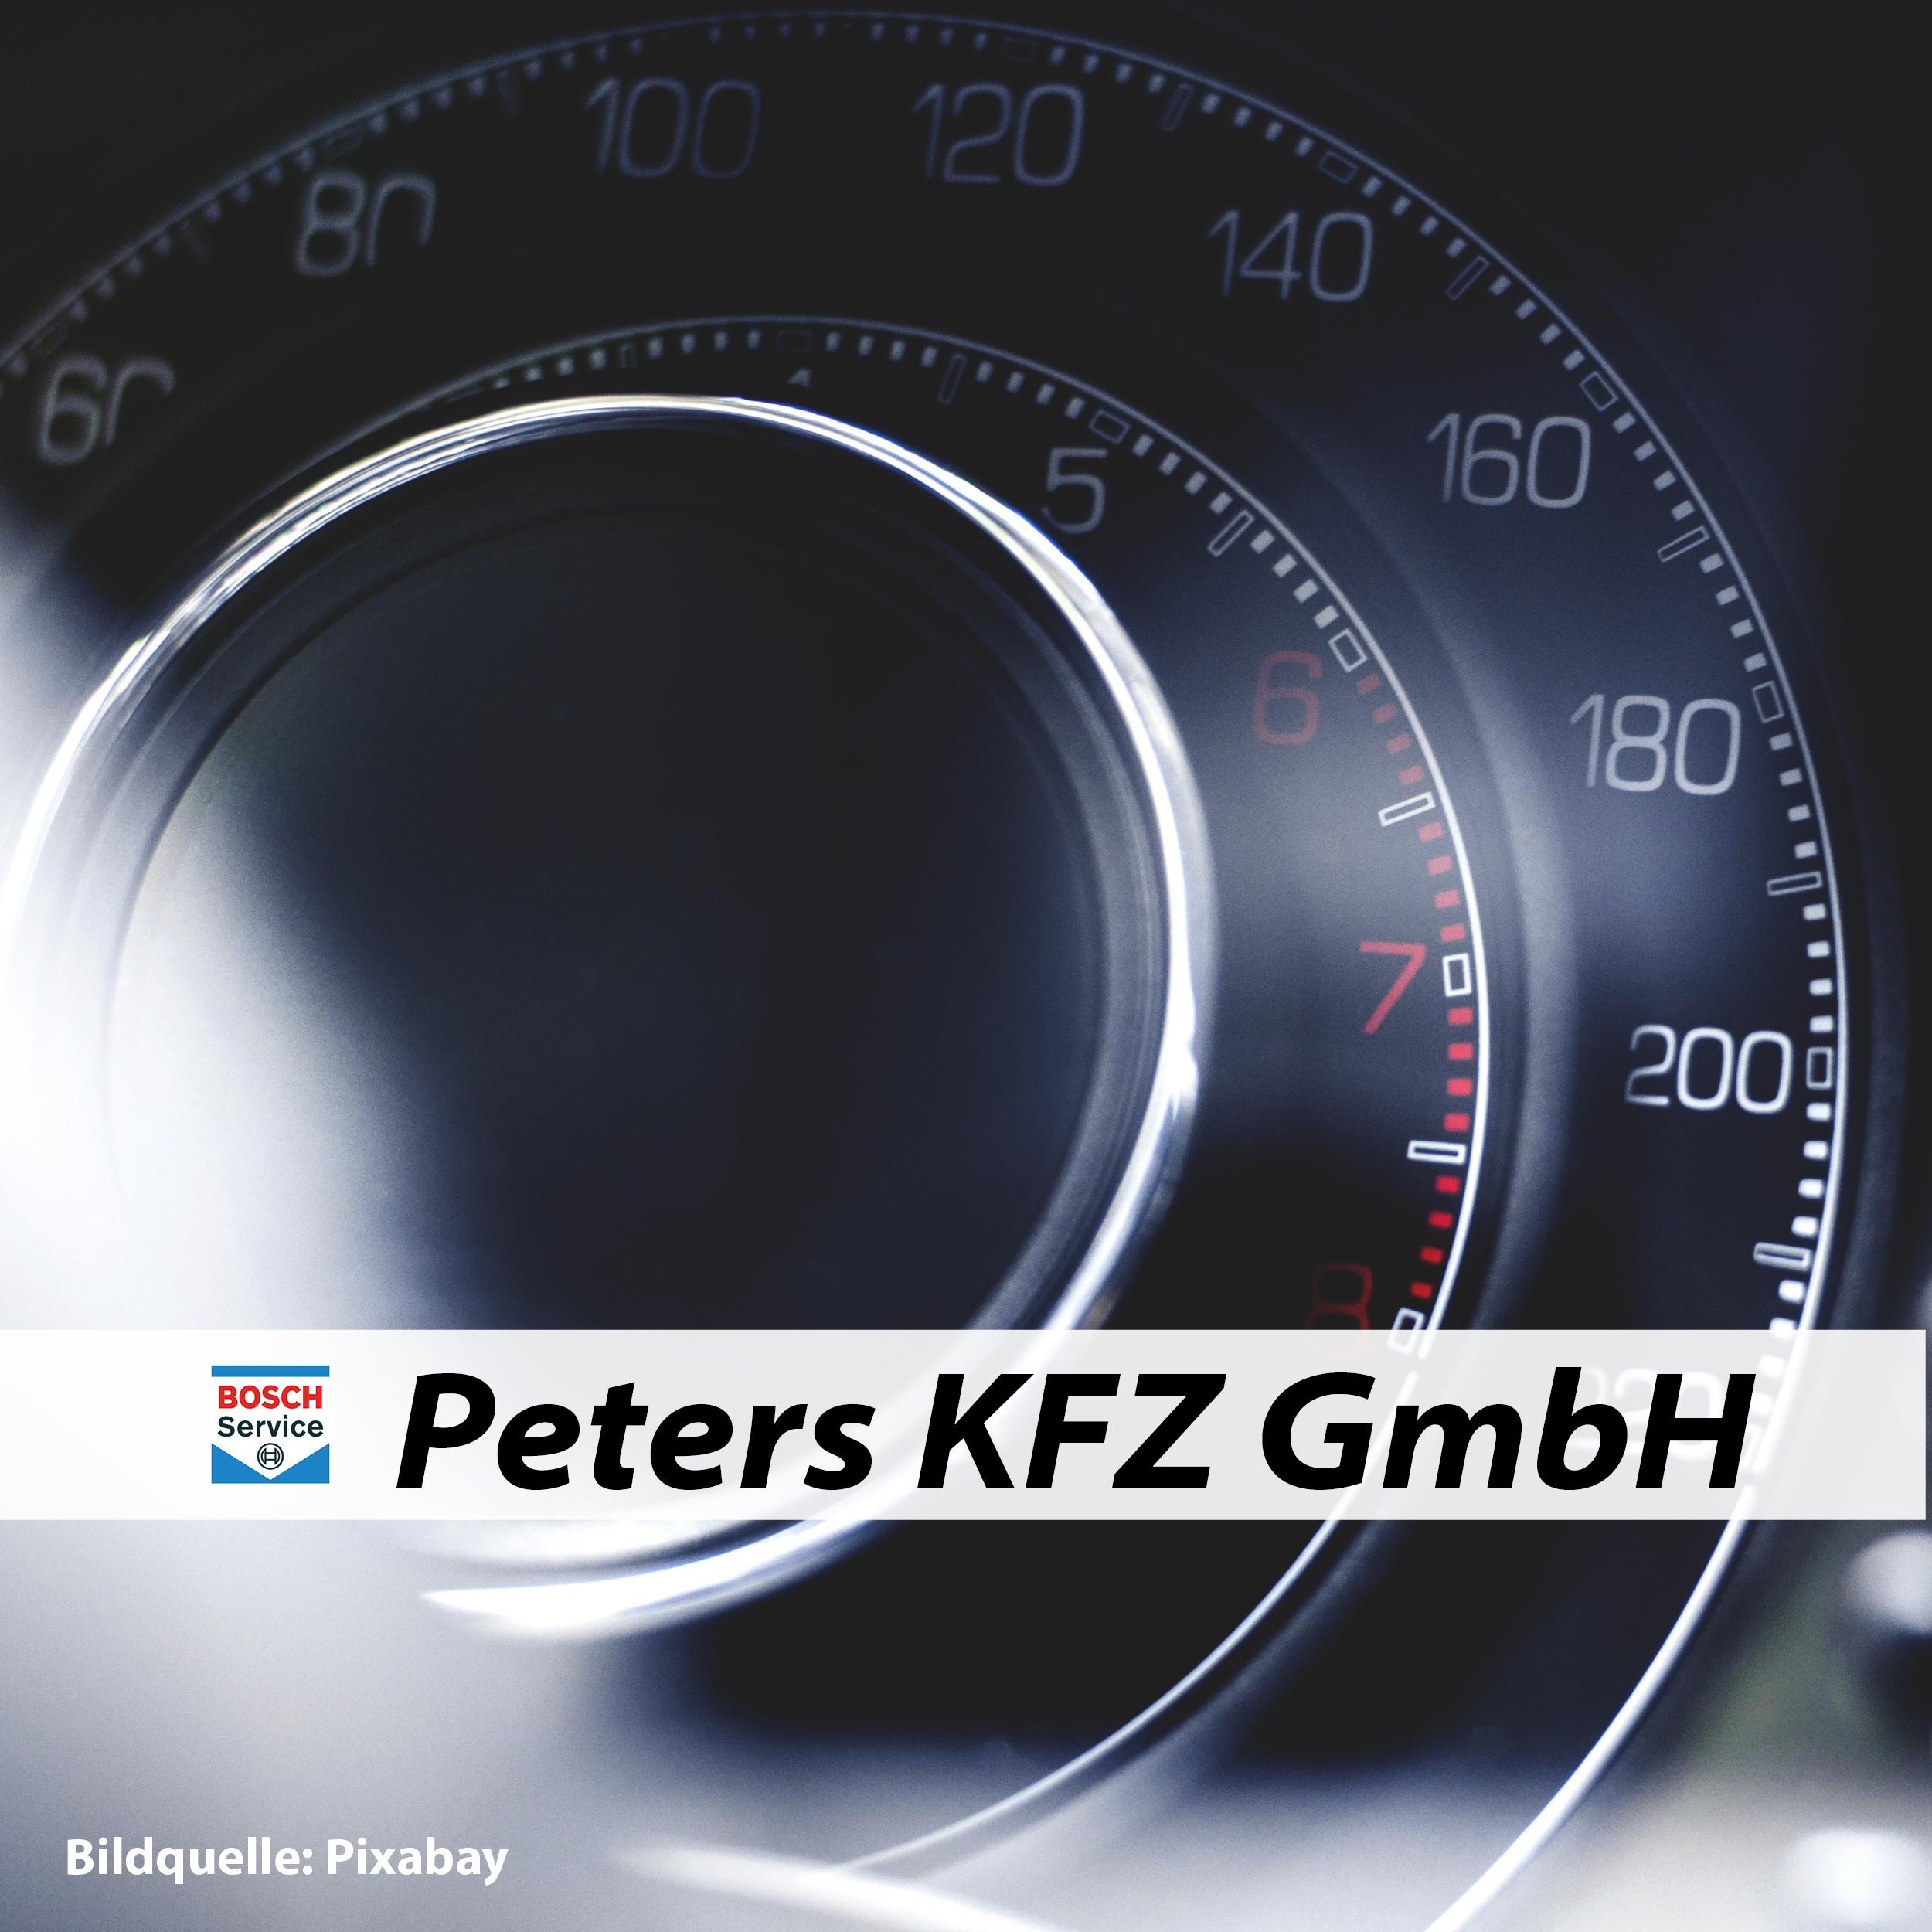 KFZ Peters